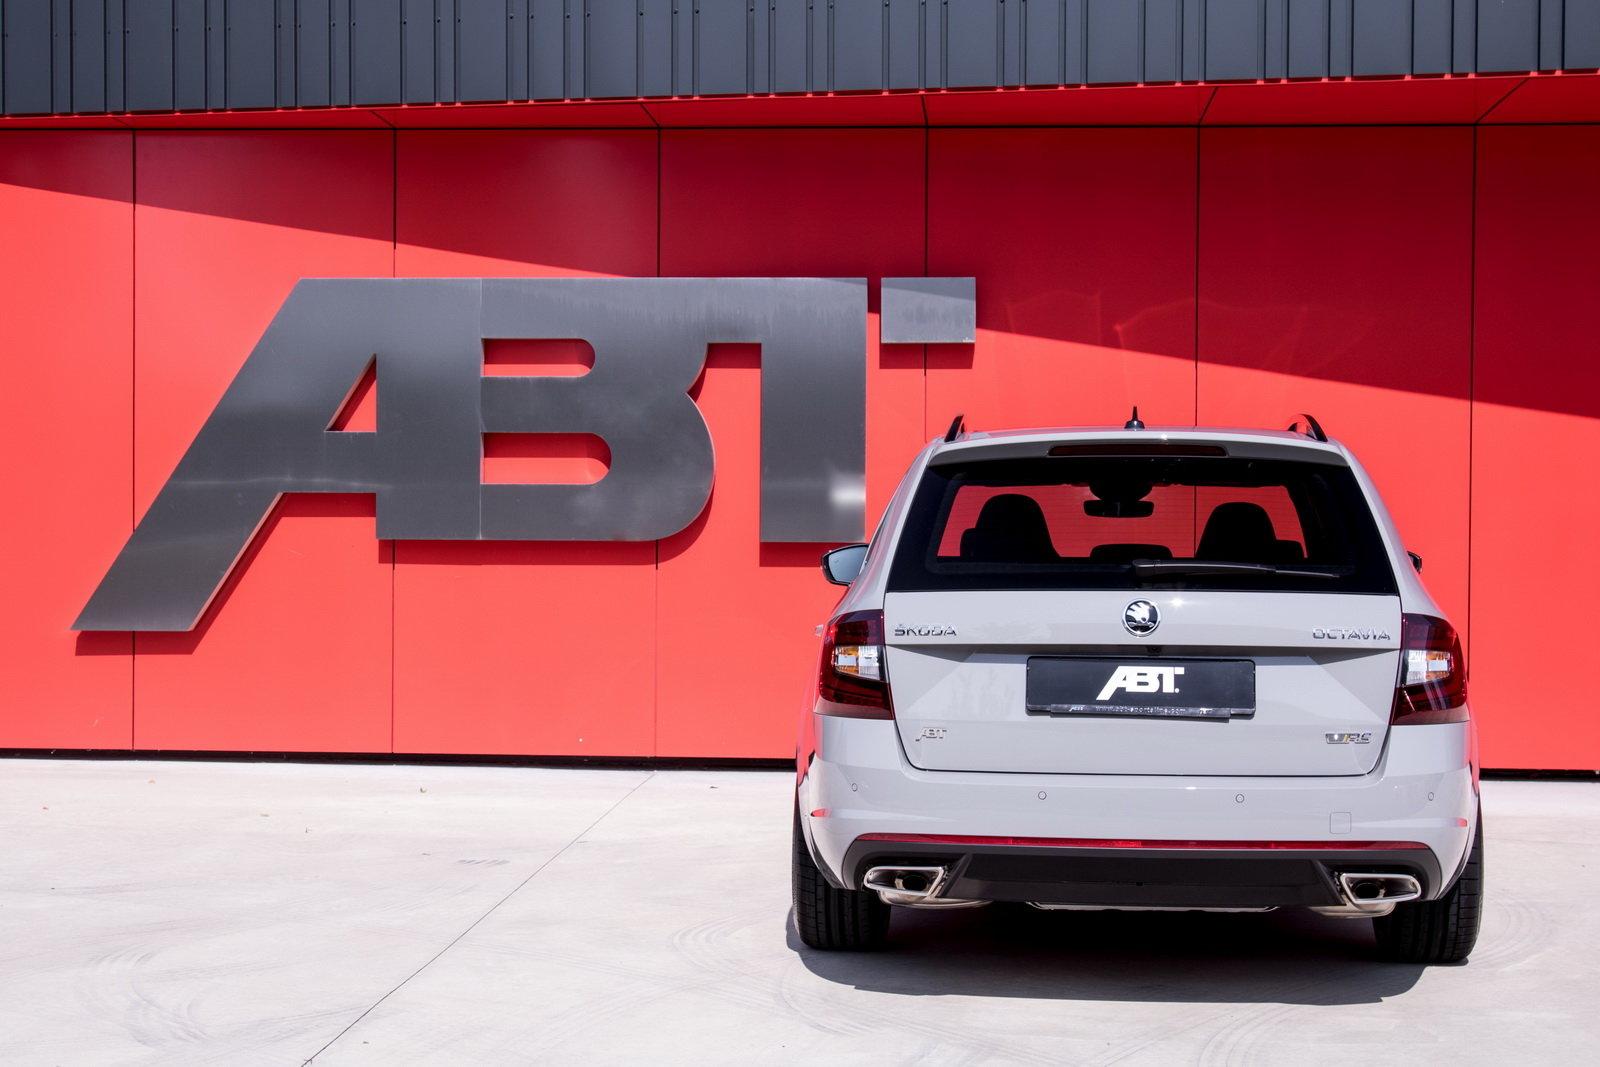 Škoda Octavia RS v úpravě ABT